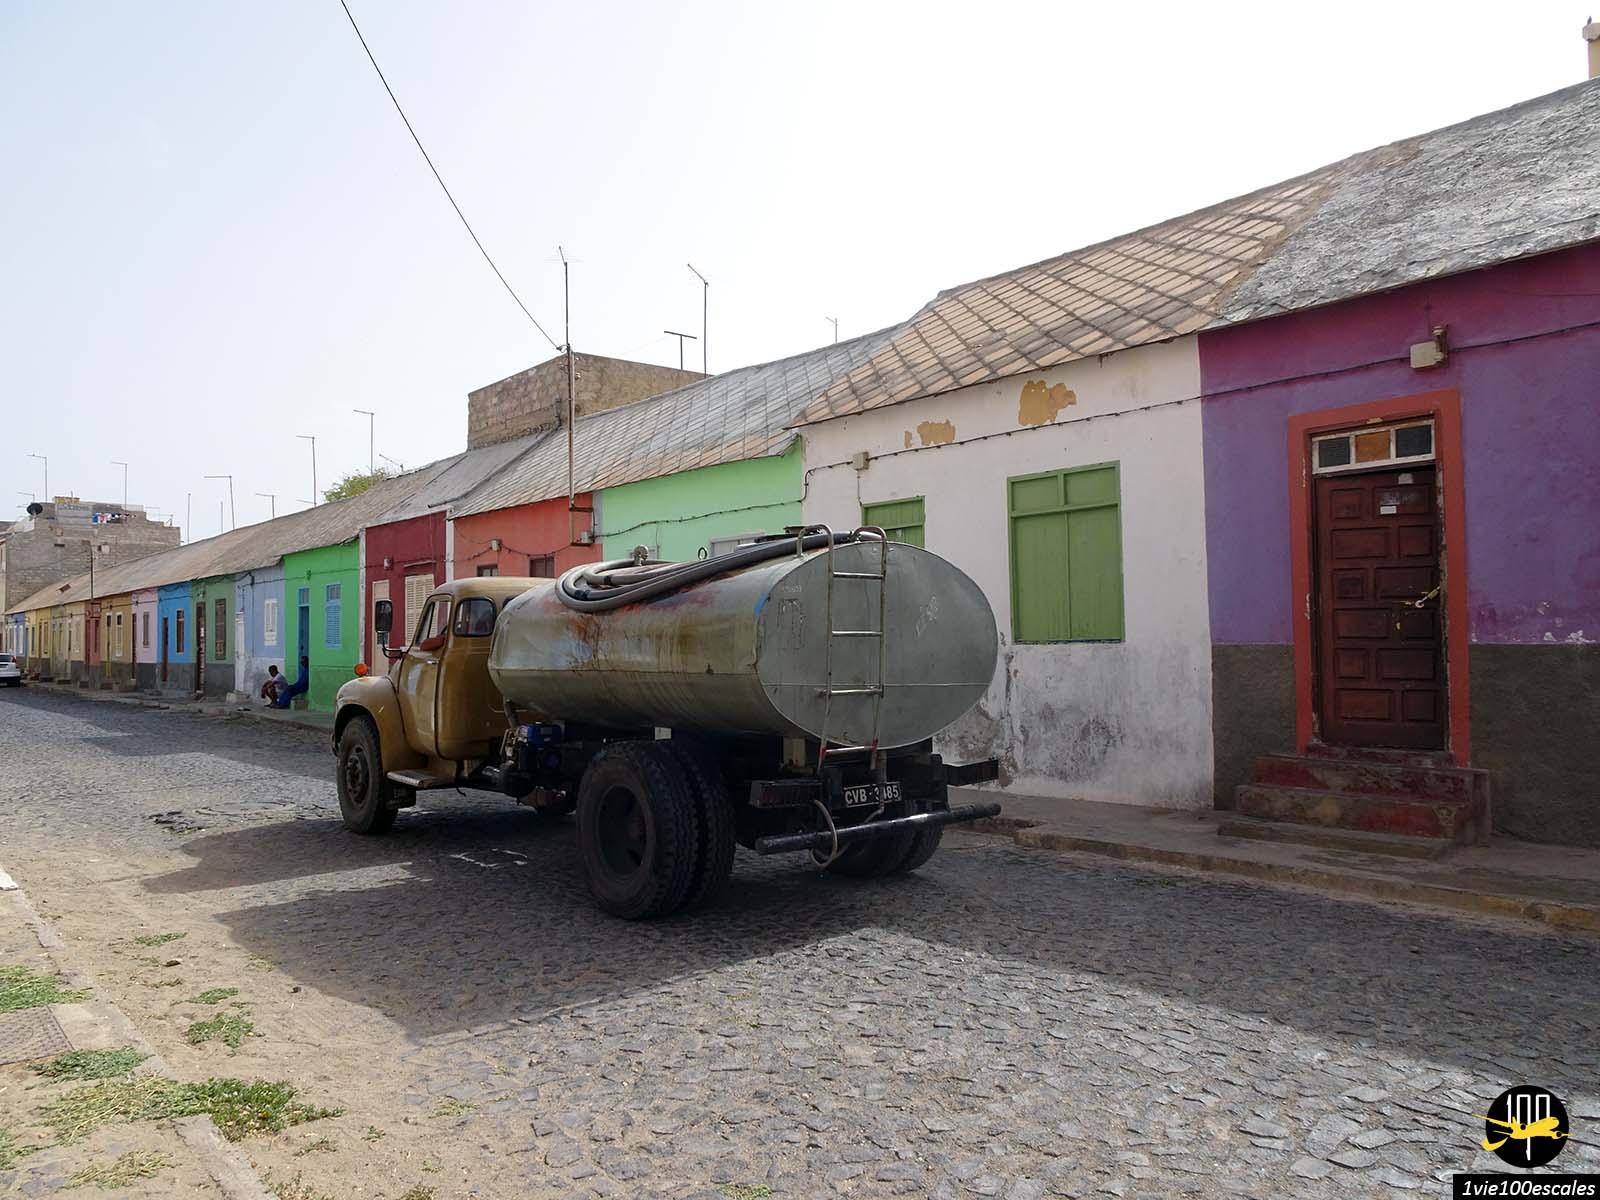 Un rue colorée typique de Mindelo sur l'île de Sao Vicente